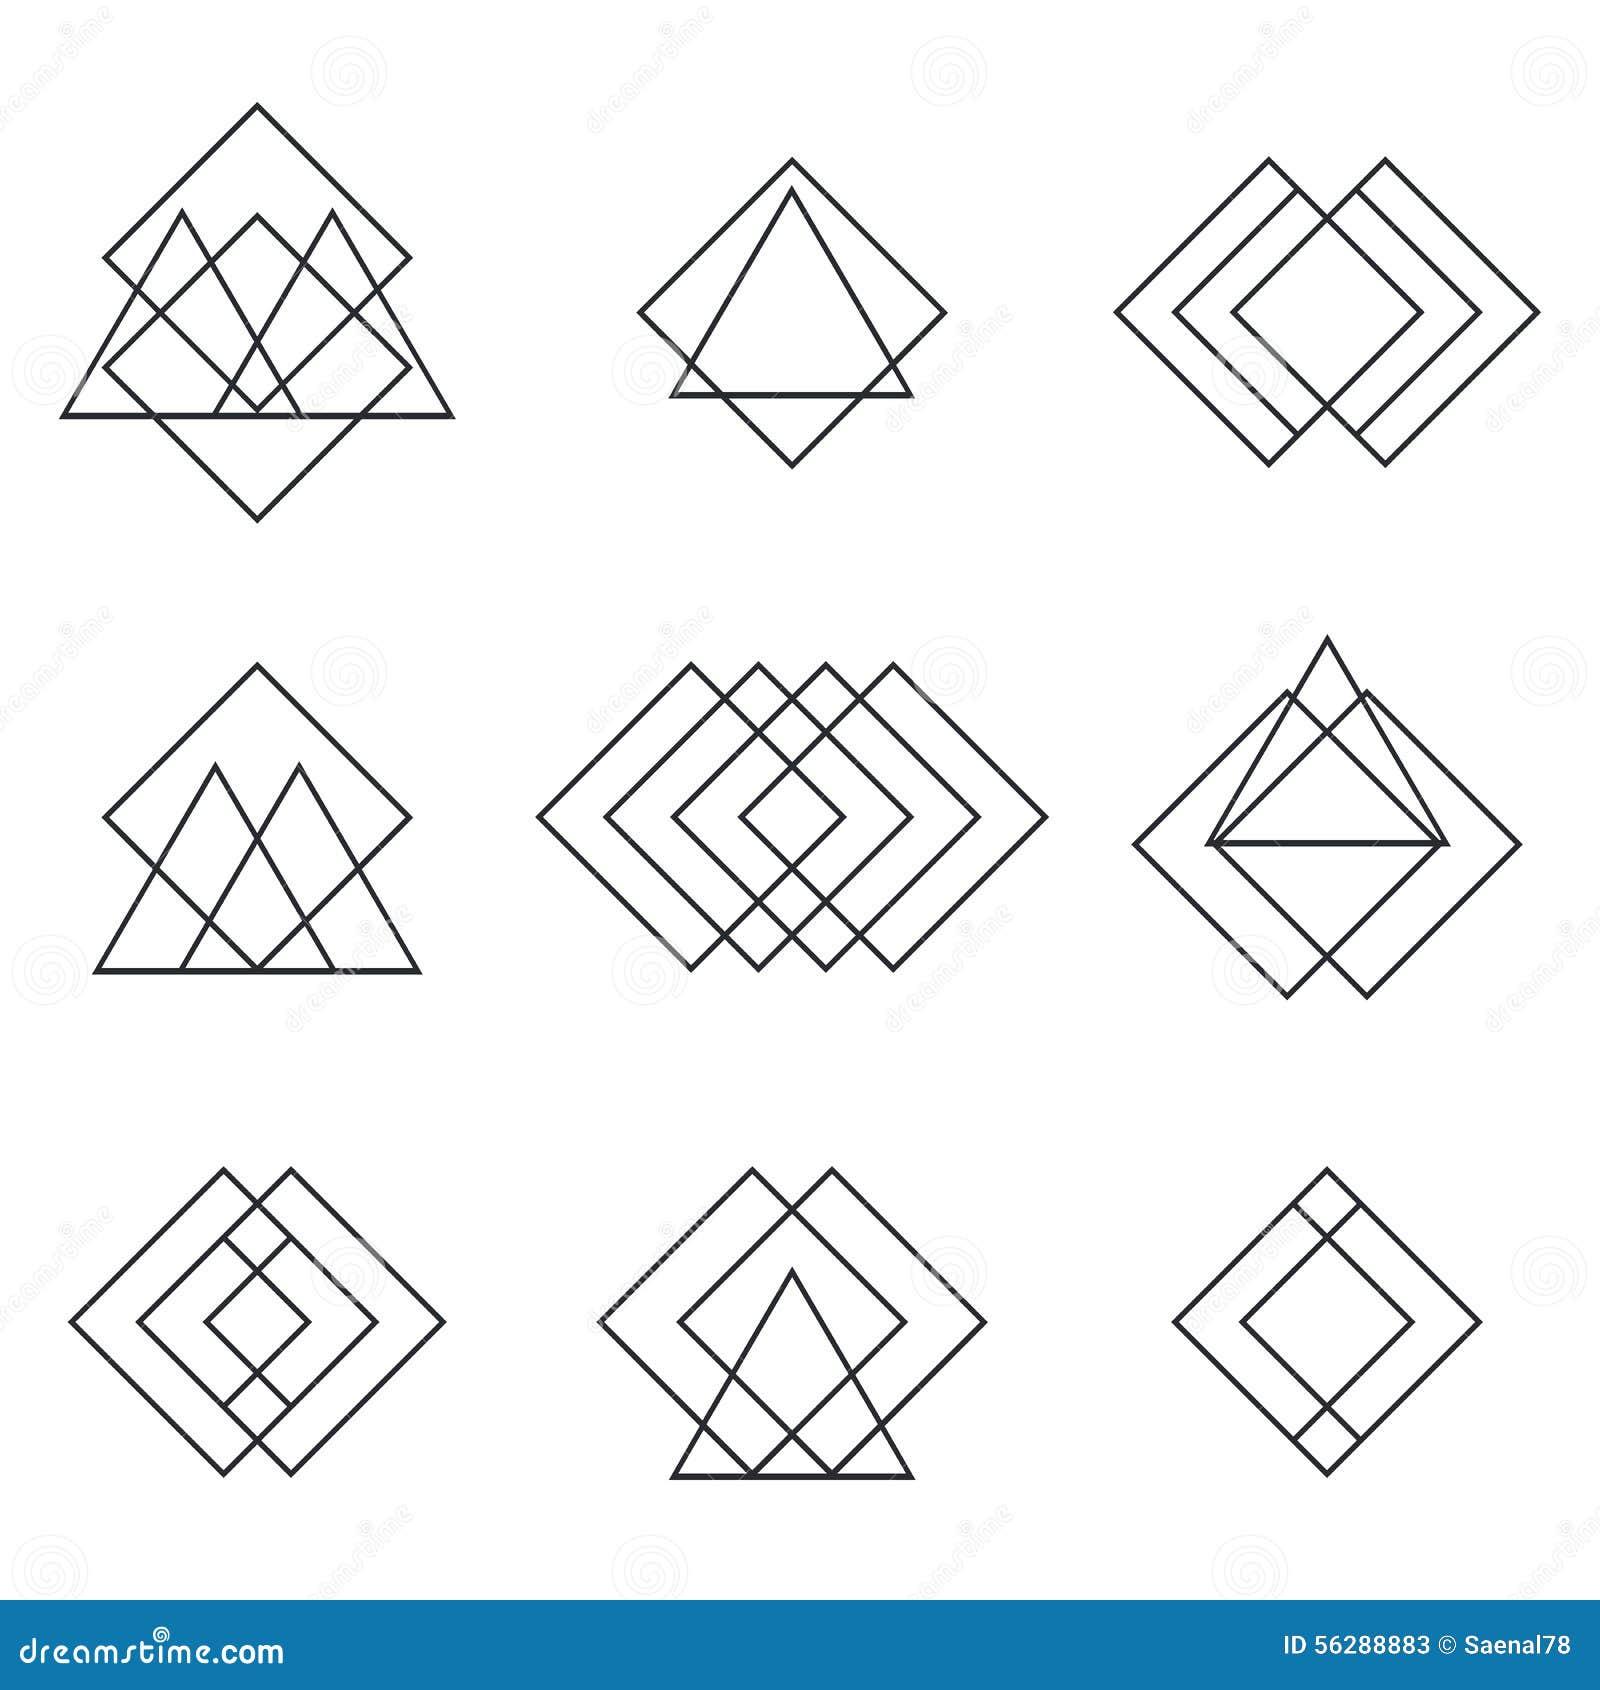 Lion tattoo meanings - Ensemble De Triangles G 233 Om 233 Triques De Formes Lignes Pour